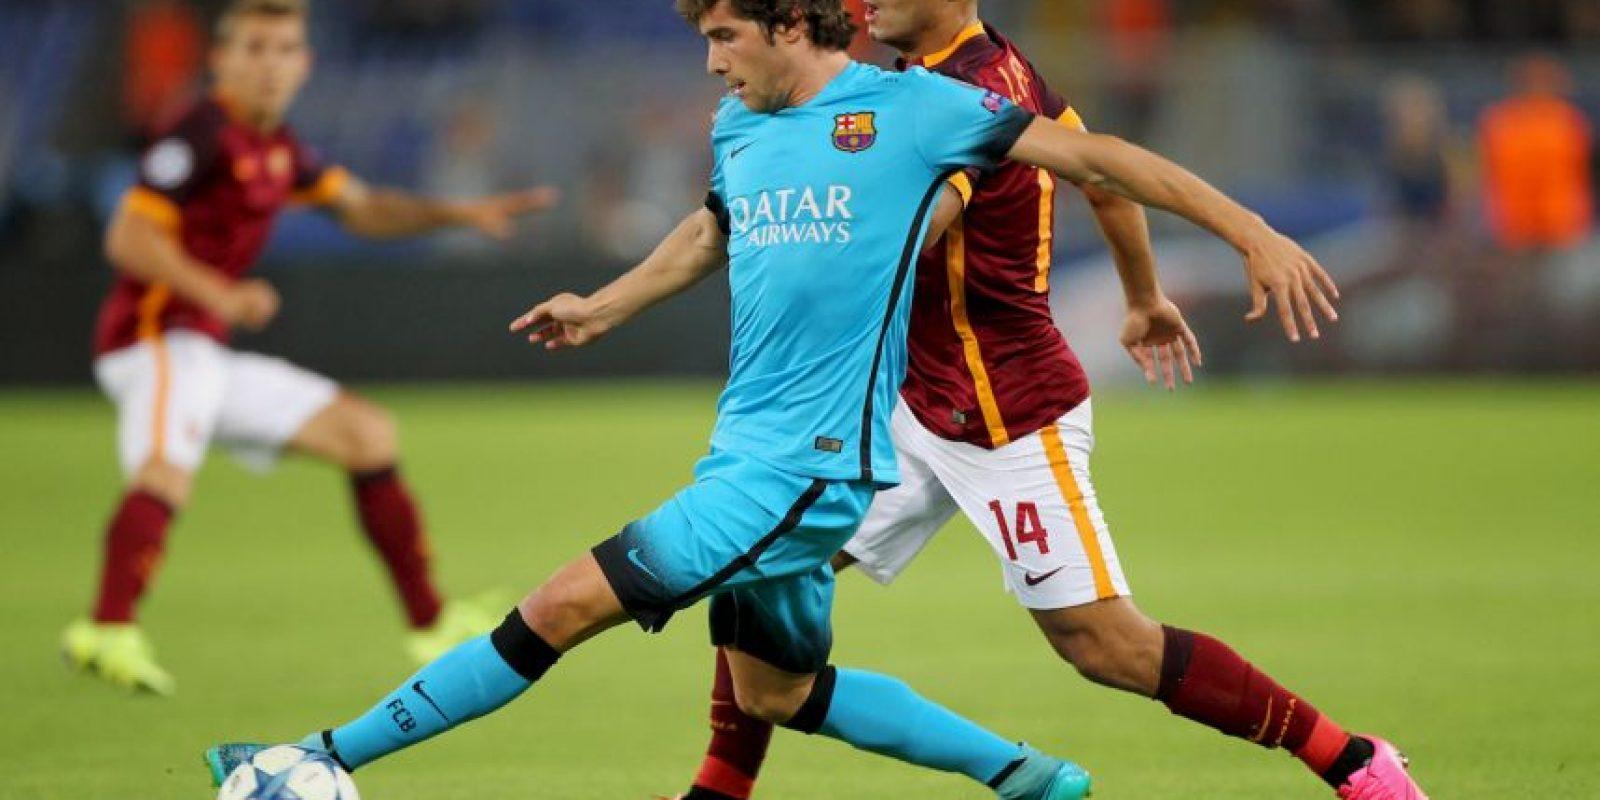 1. Barcelona suma 10 puntos, por cinco de la Roma y cuatro de Bayer Leverkusen; un triunfo de los culés les aseguraría el liderato del sector E Foto:Getty Images